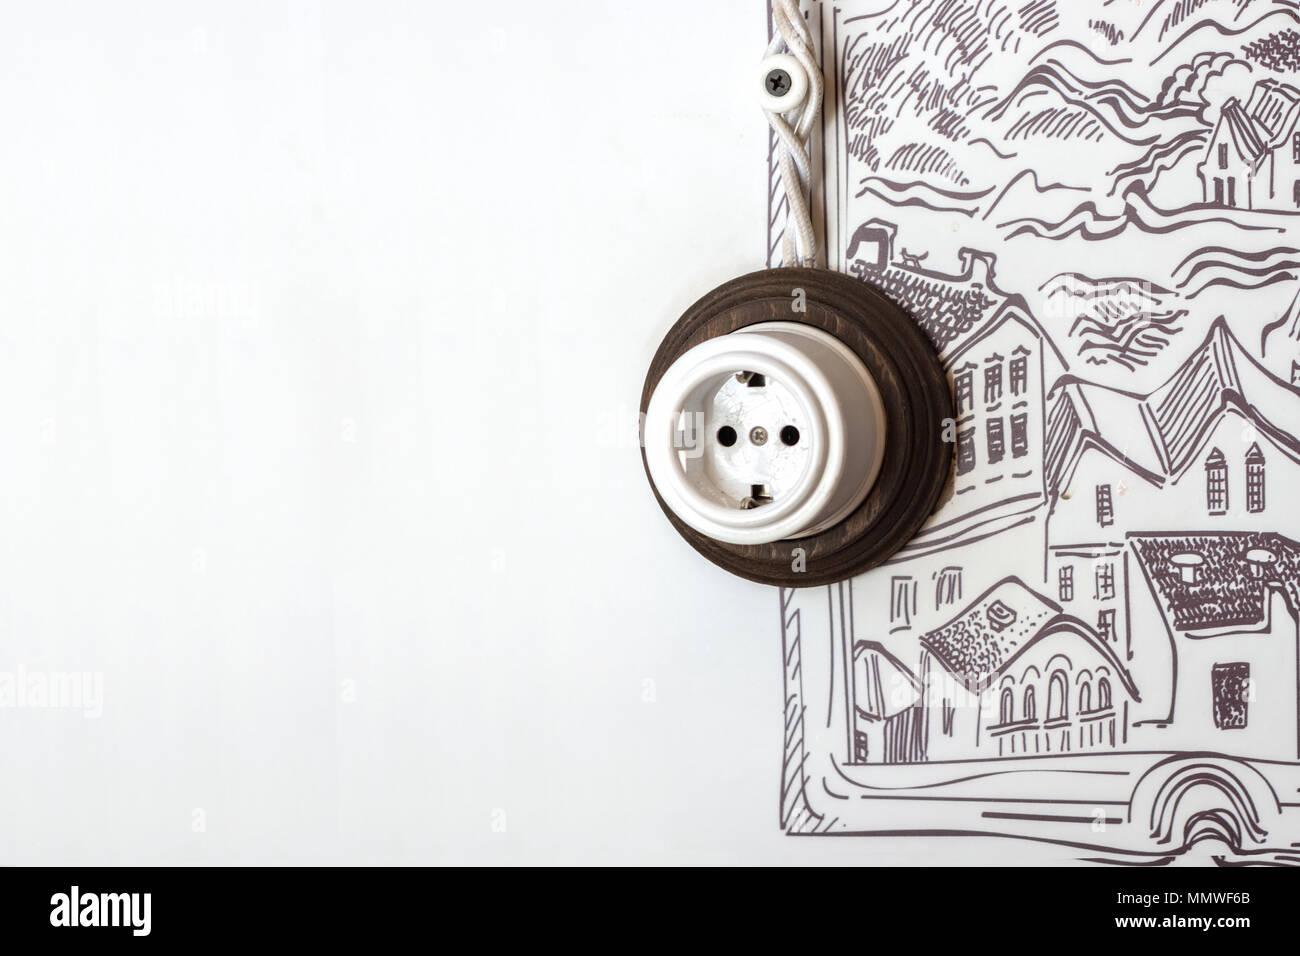 Wall Sockets Stockfotos & Wall Sockets Bilder - Alamy